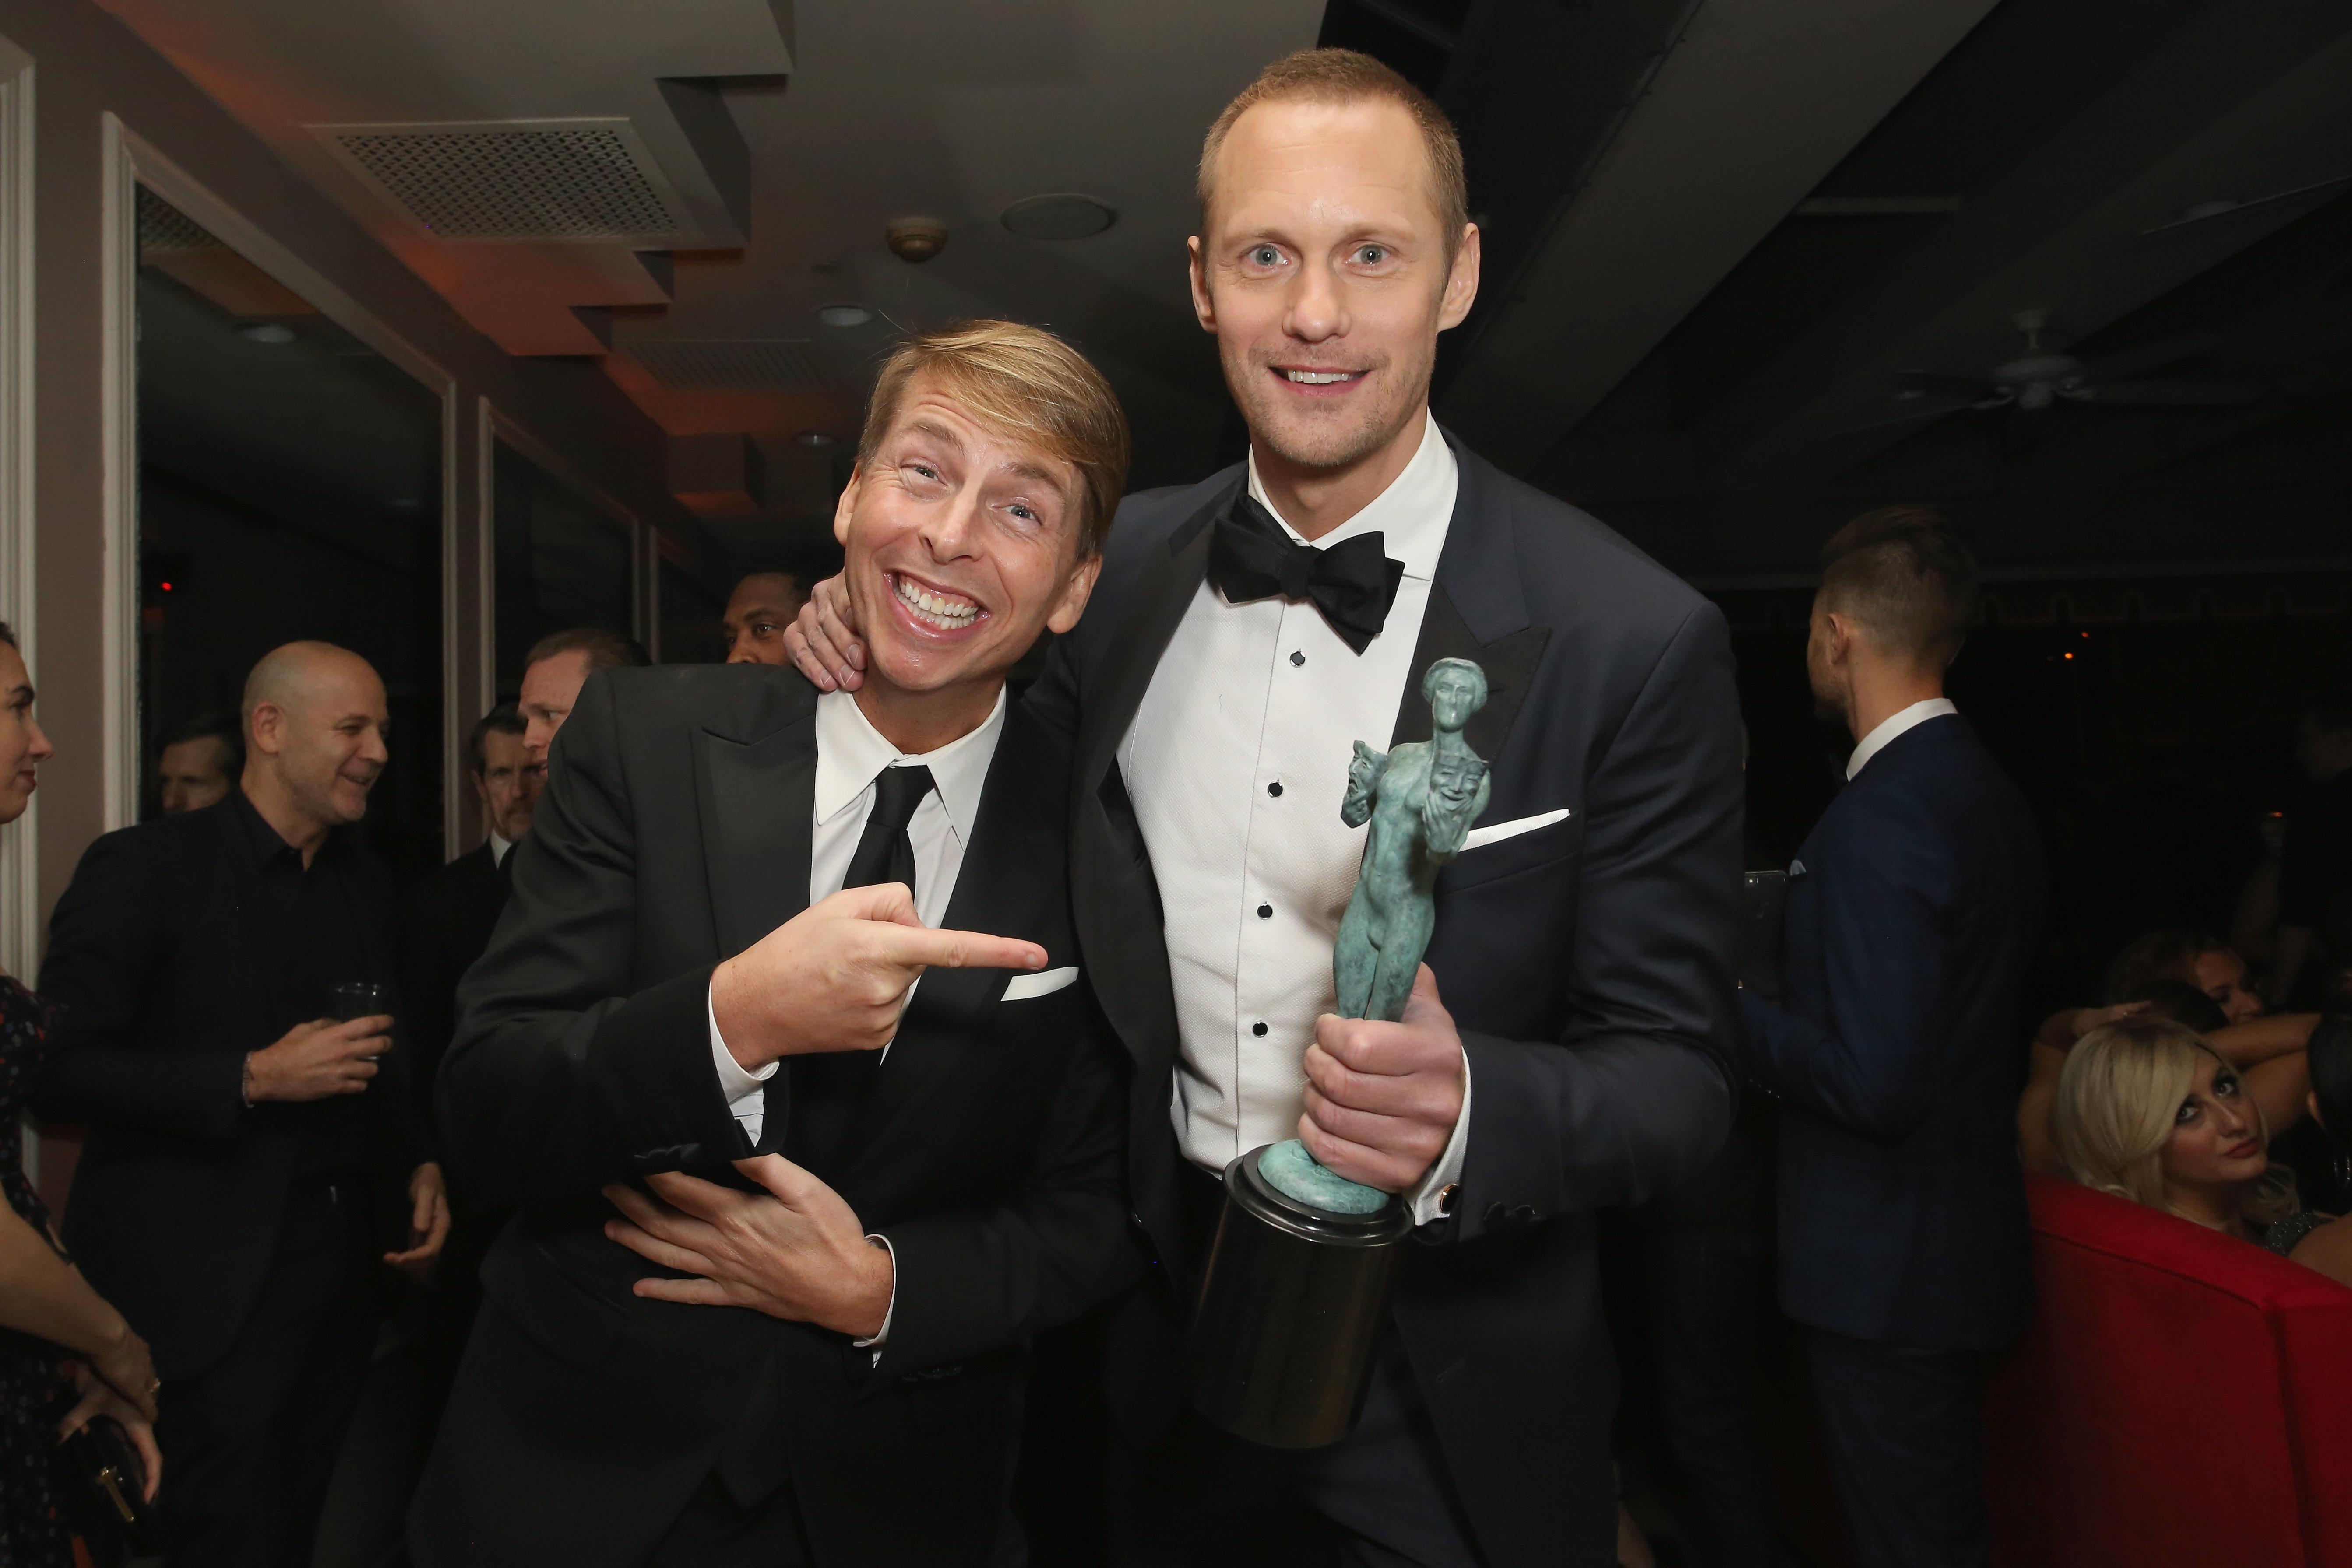 Besties Jack McBrayer andAlexander Skarsgård attended the SAG Awards together in 2018.